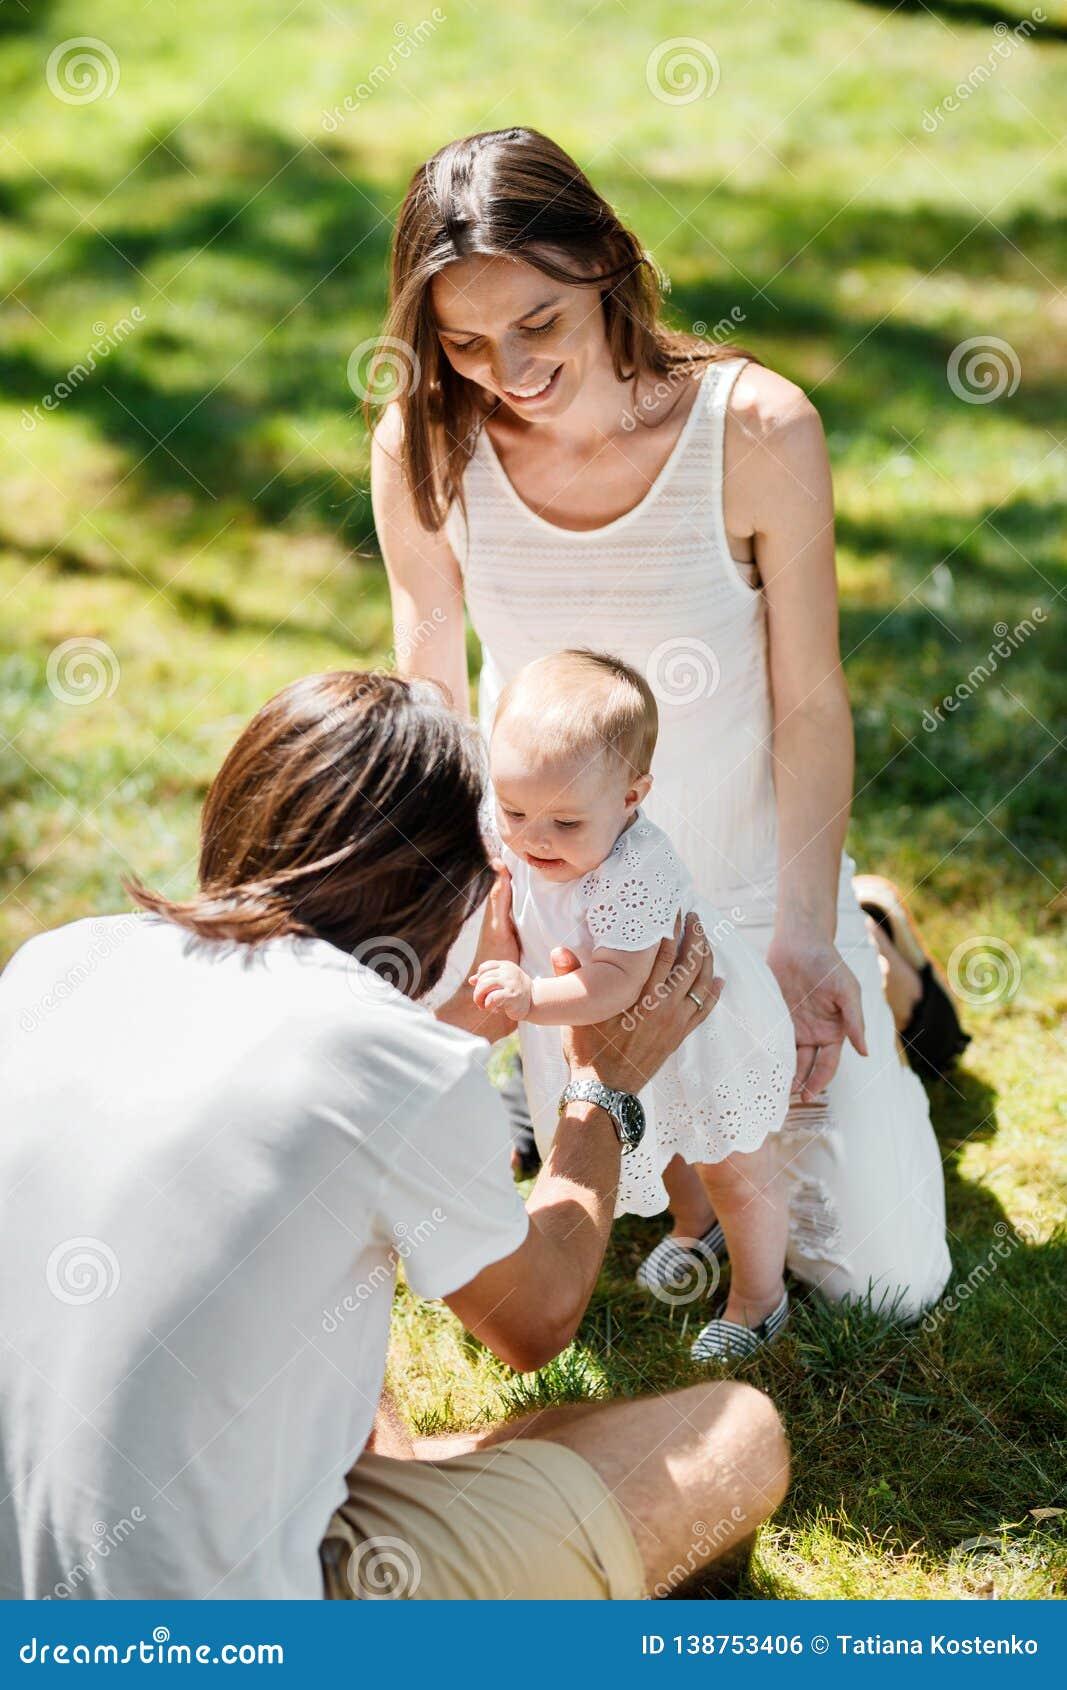 Los padres encantados se están sentando en el césped y están enseñando su pequeña hija a cómo hacer sus primeros pasos